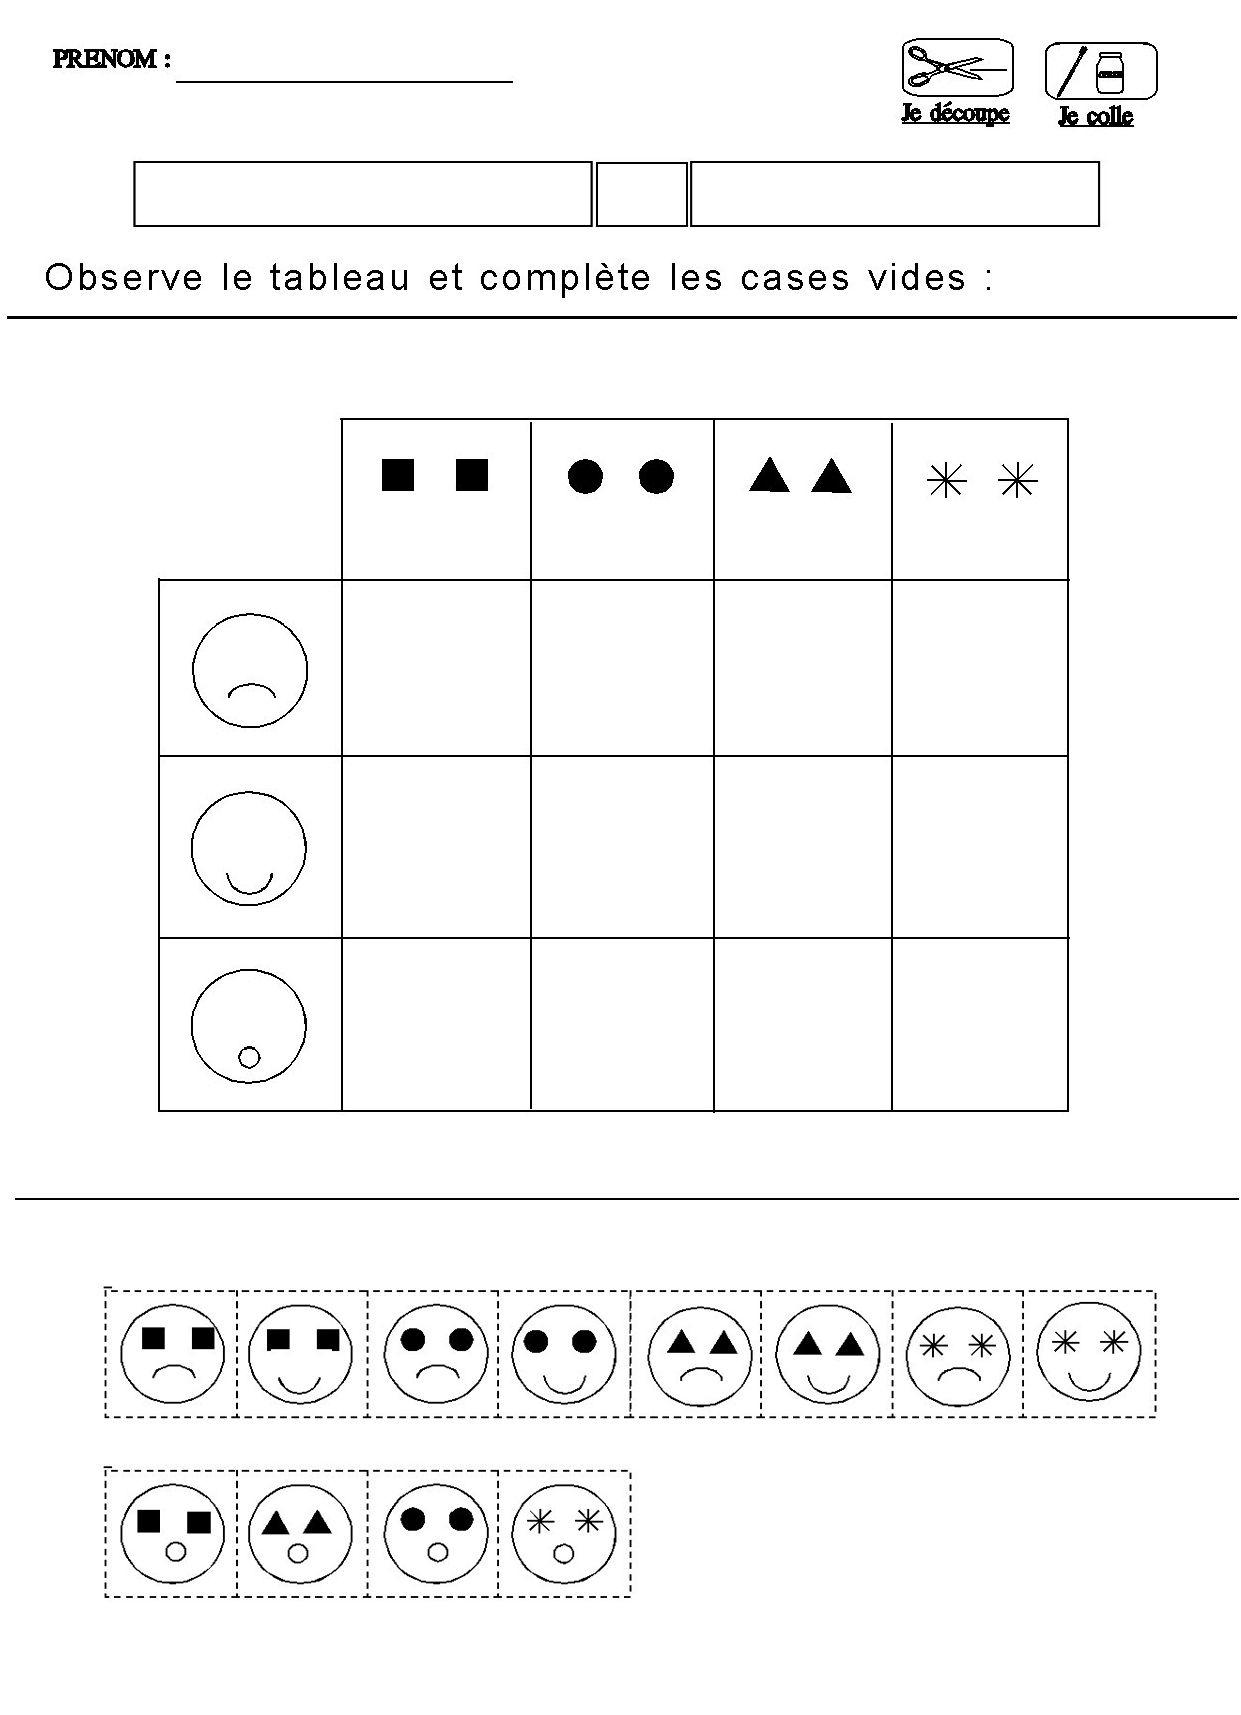 Tableau Double Entrees Pour Maternelle Moyenne Section dedans Exercice De Gs A Imprimer